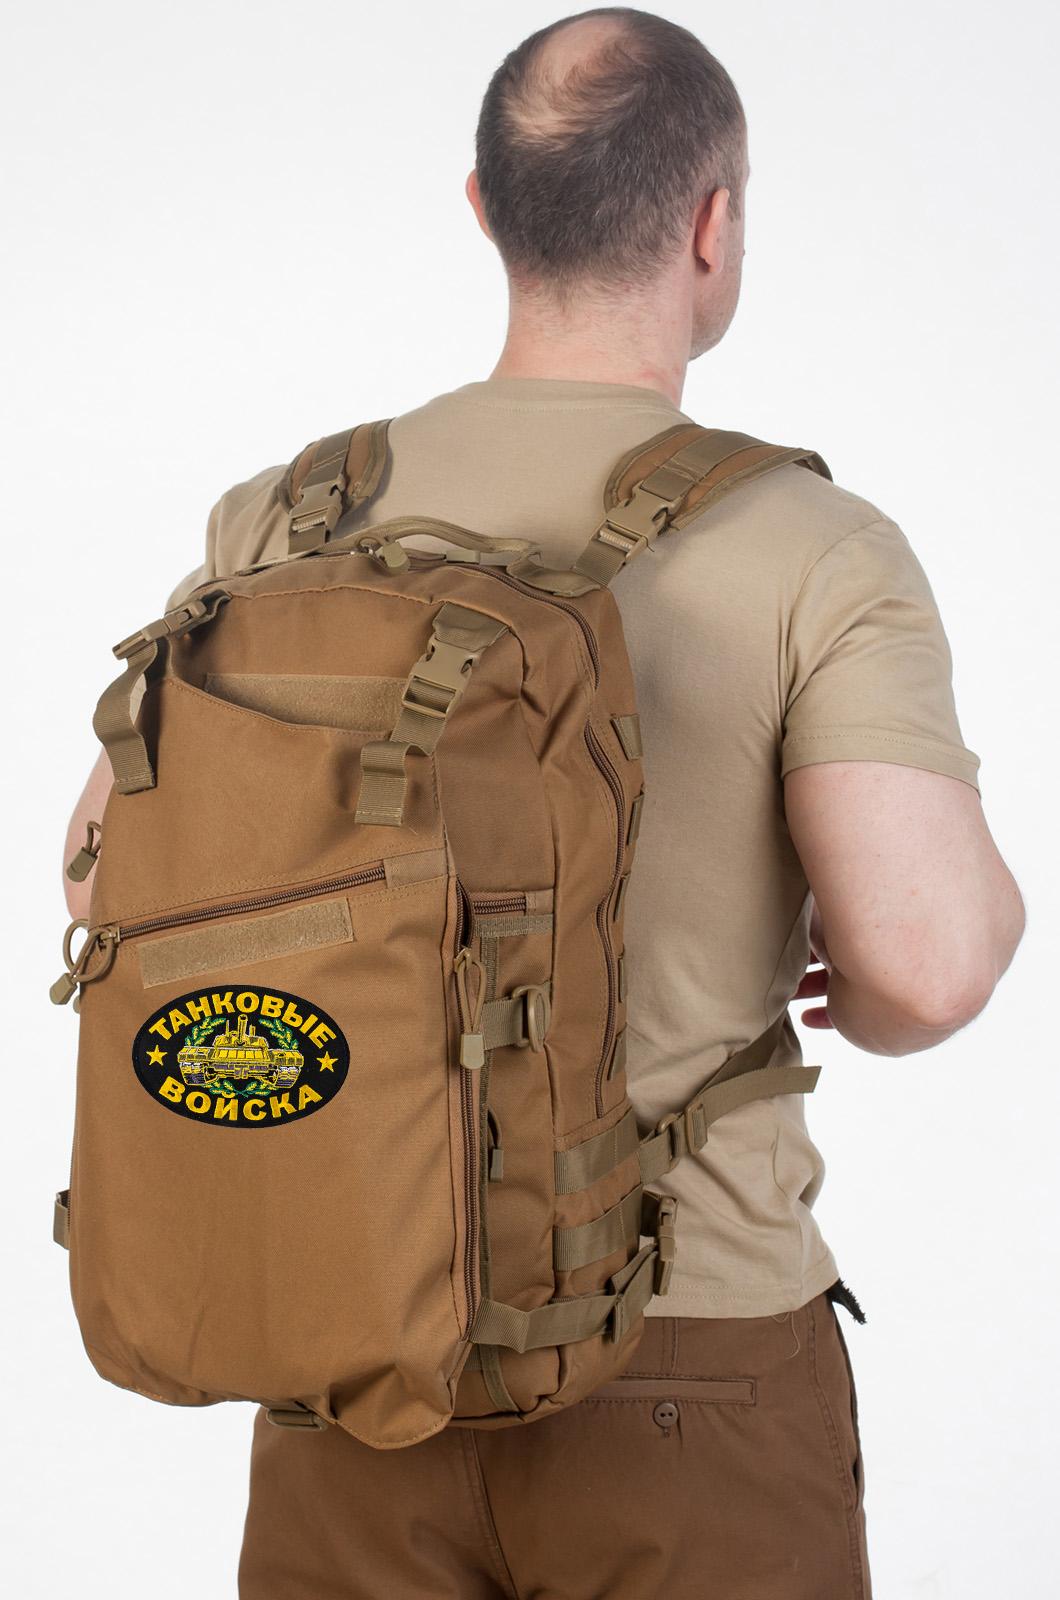 Купить рейдовый тактический рюкзак Танковых войск с доставкой или самовывозом